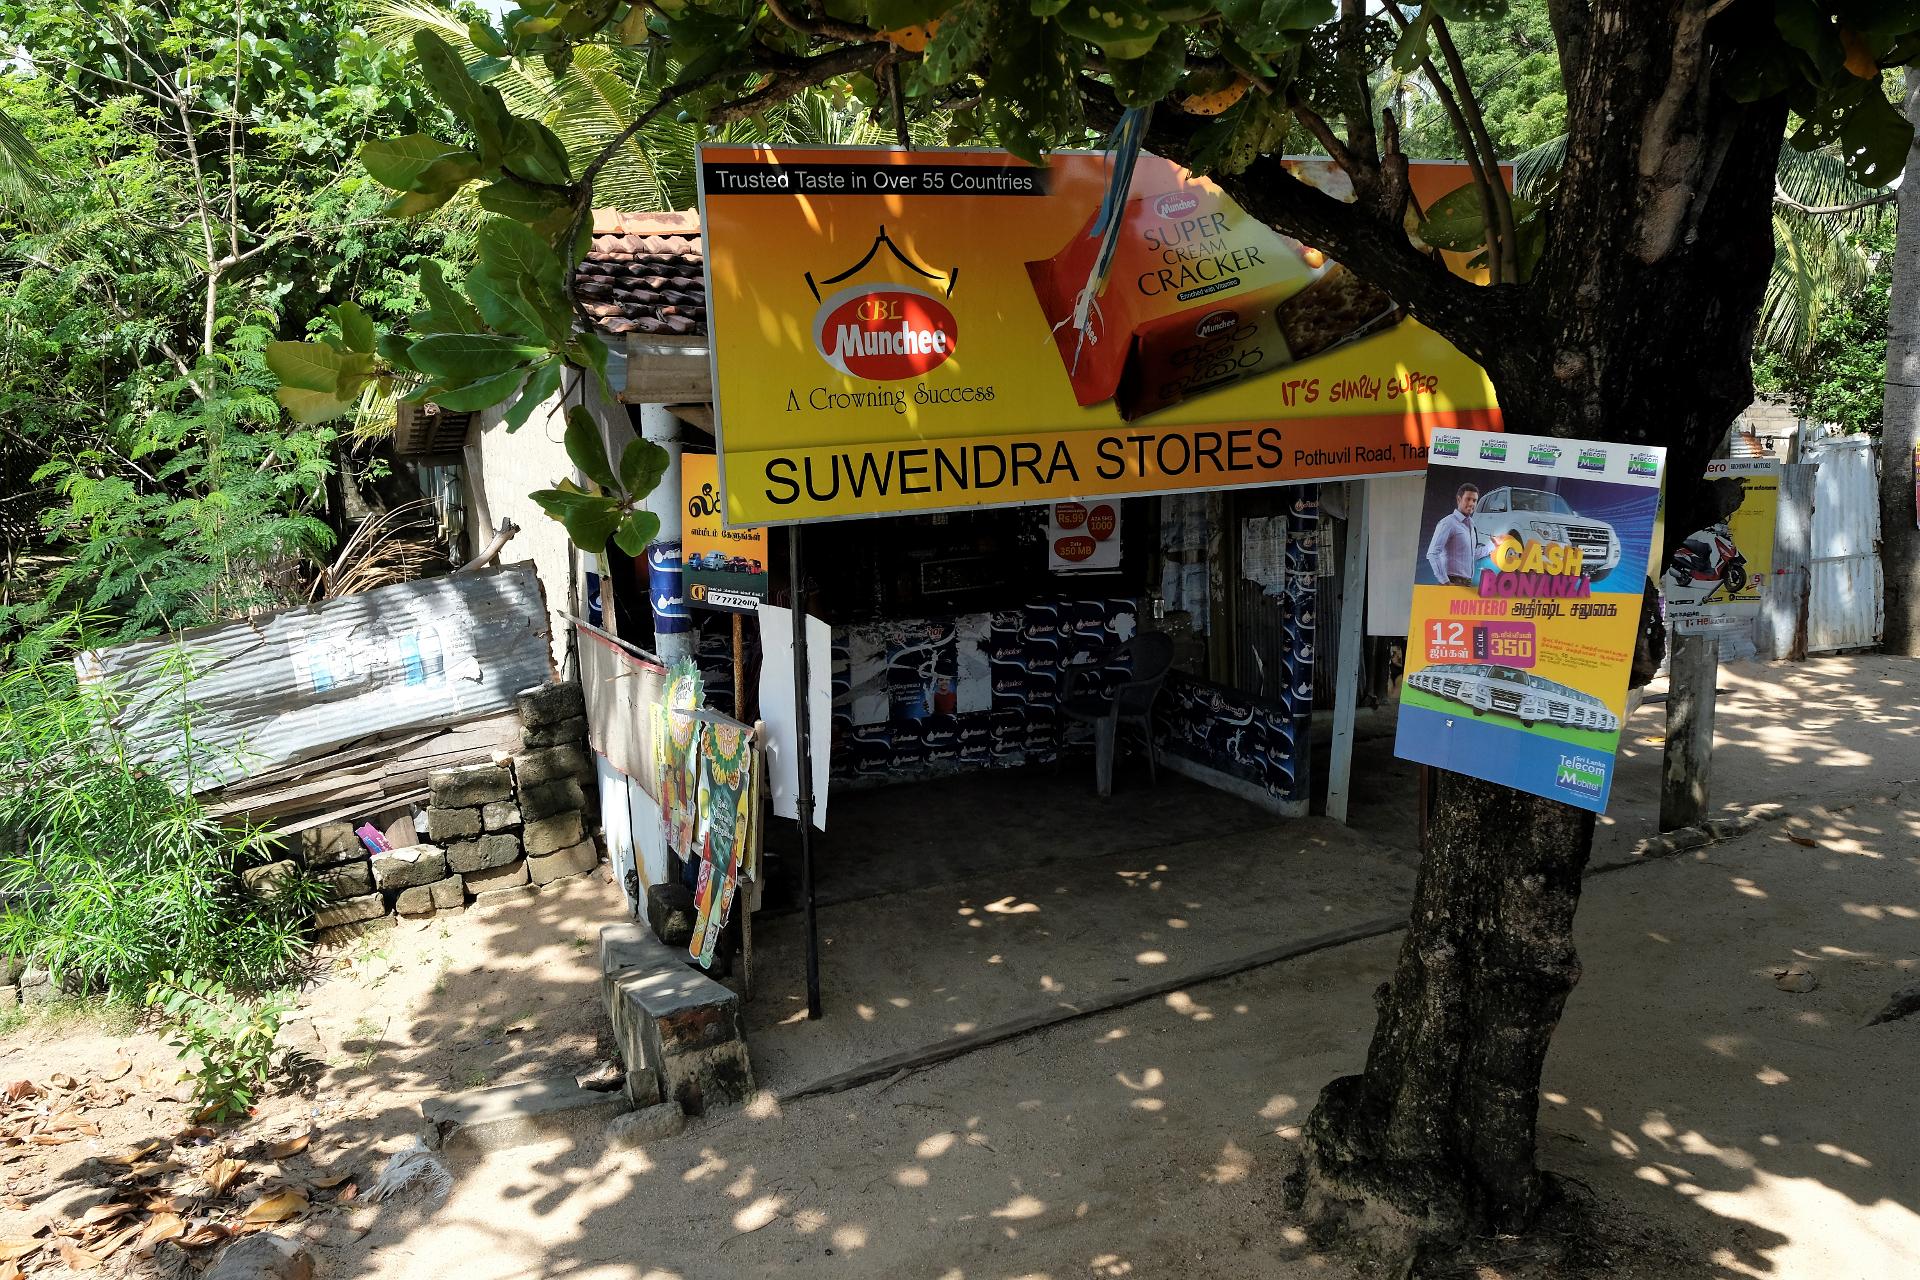 En affär med nödvändiga förnödenheter i en liten by under träden, så liten att den inte sätts ut på någon karta. Foto: Johan Mikaelsson